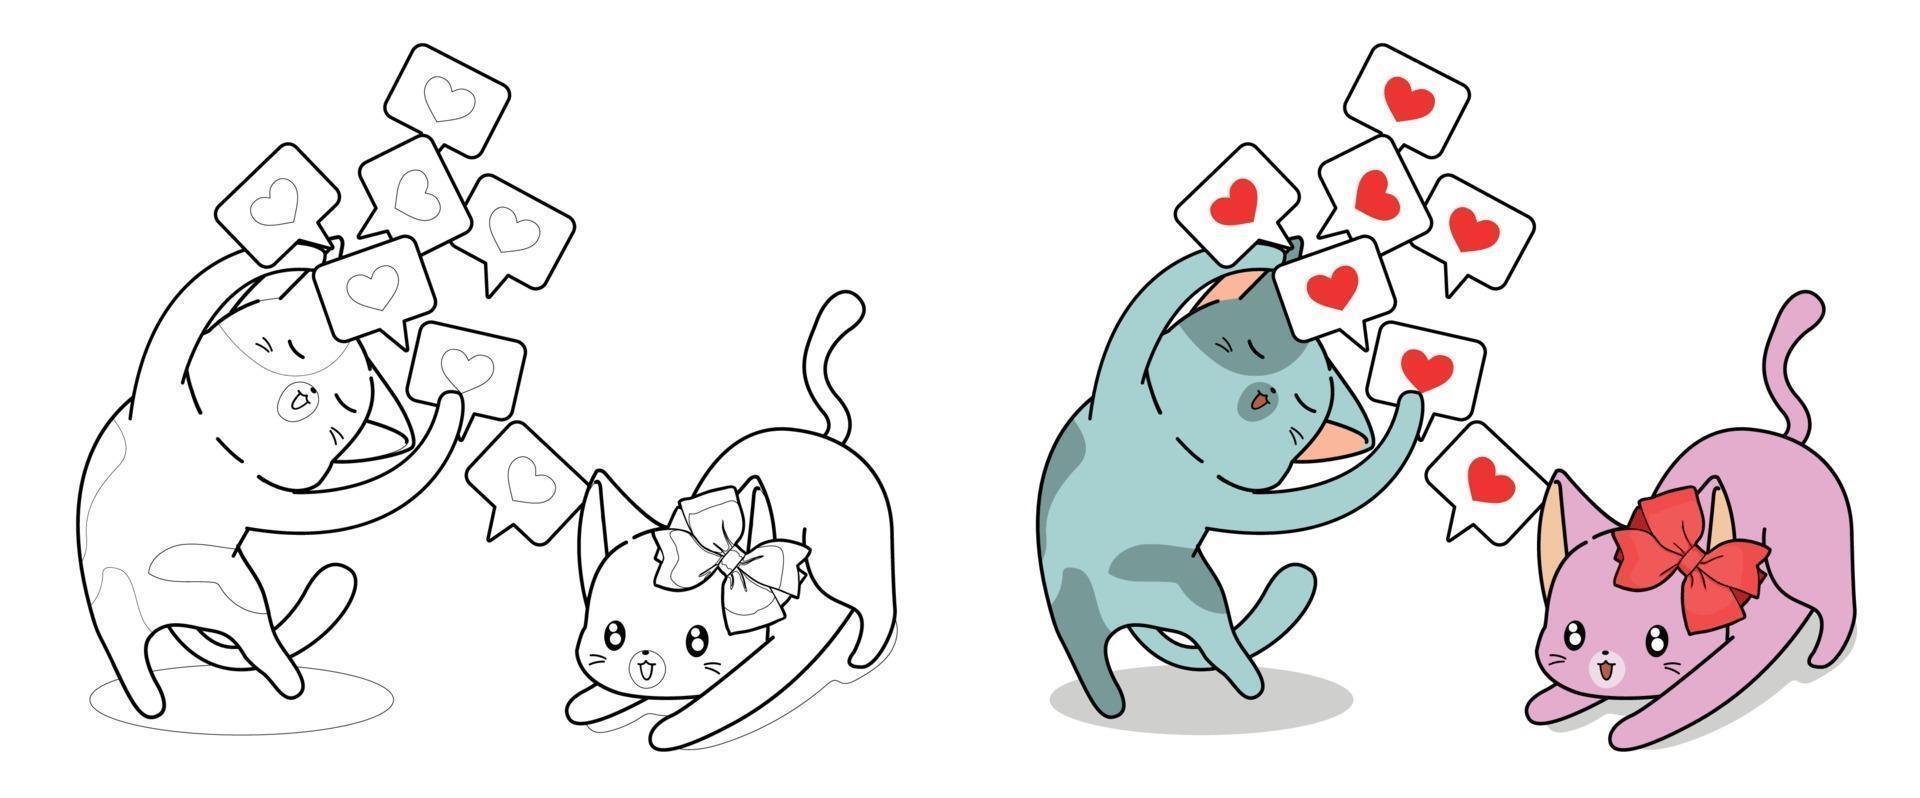 söt katt visar kärlekskort till sin flickvän, målarbok för barn vektor